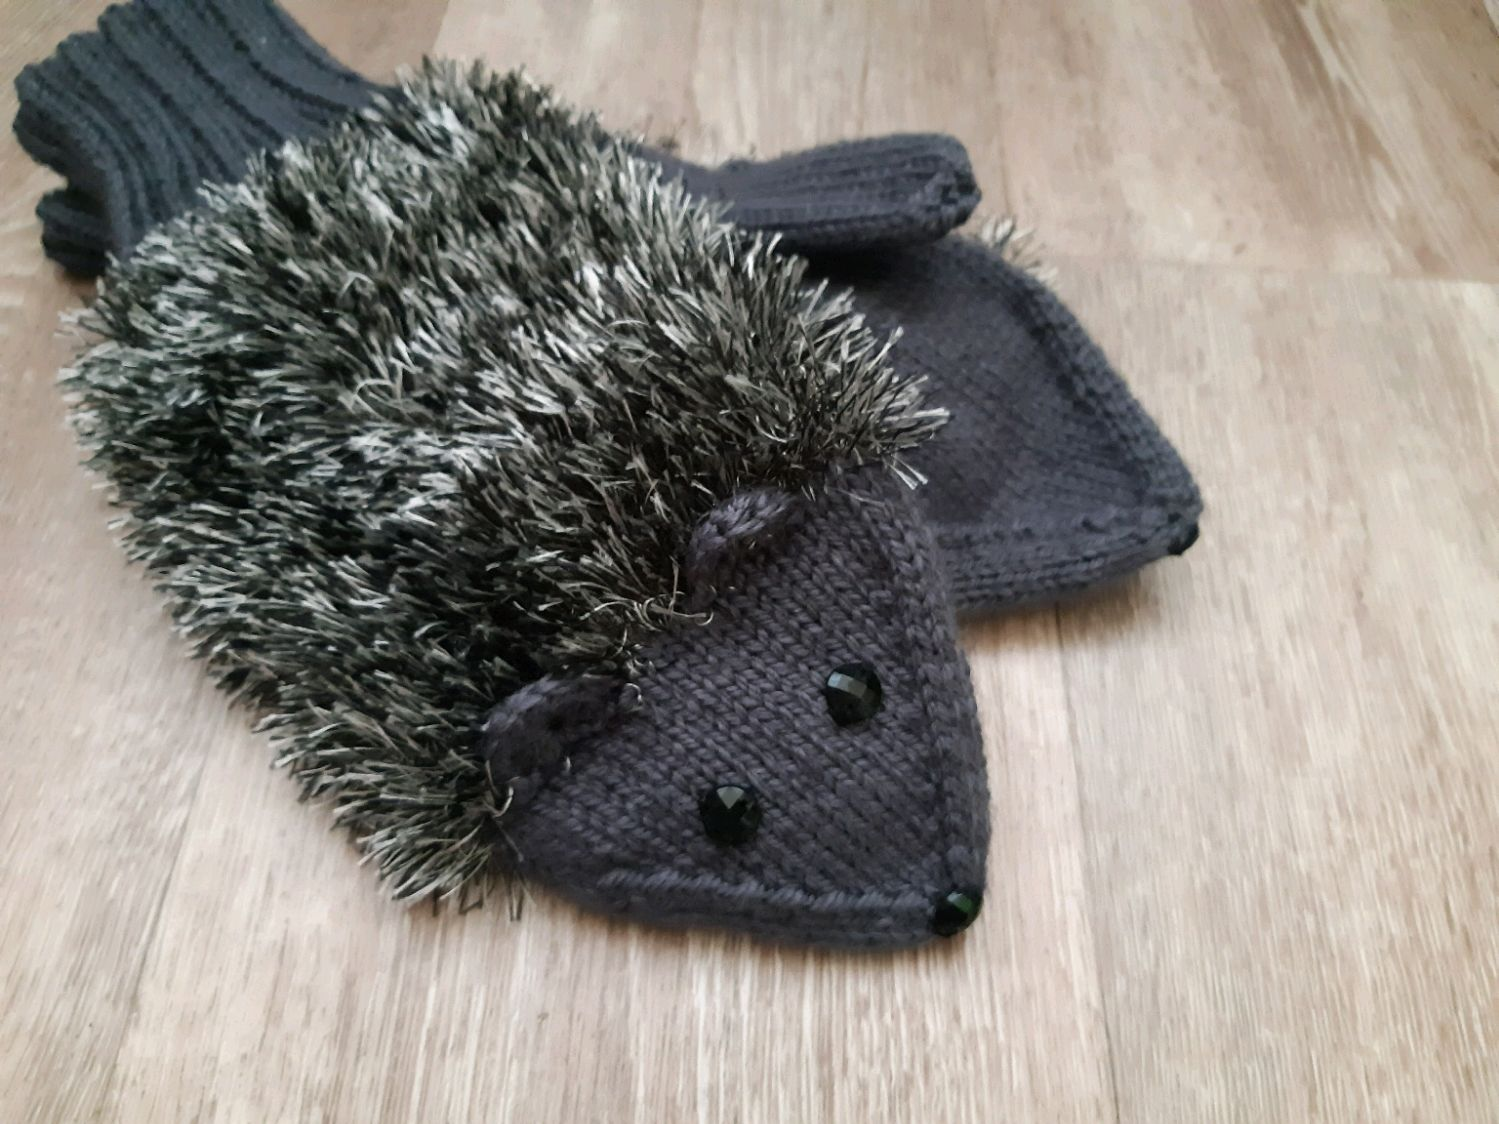 Ежовые рукавицы картинки прикольные, про несчастную